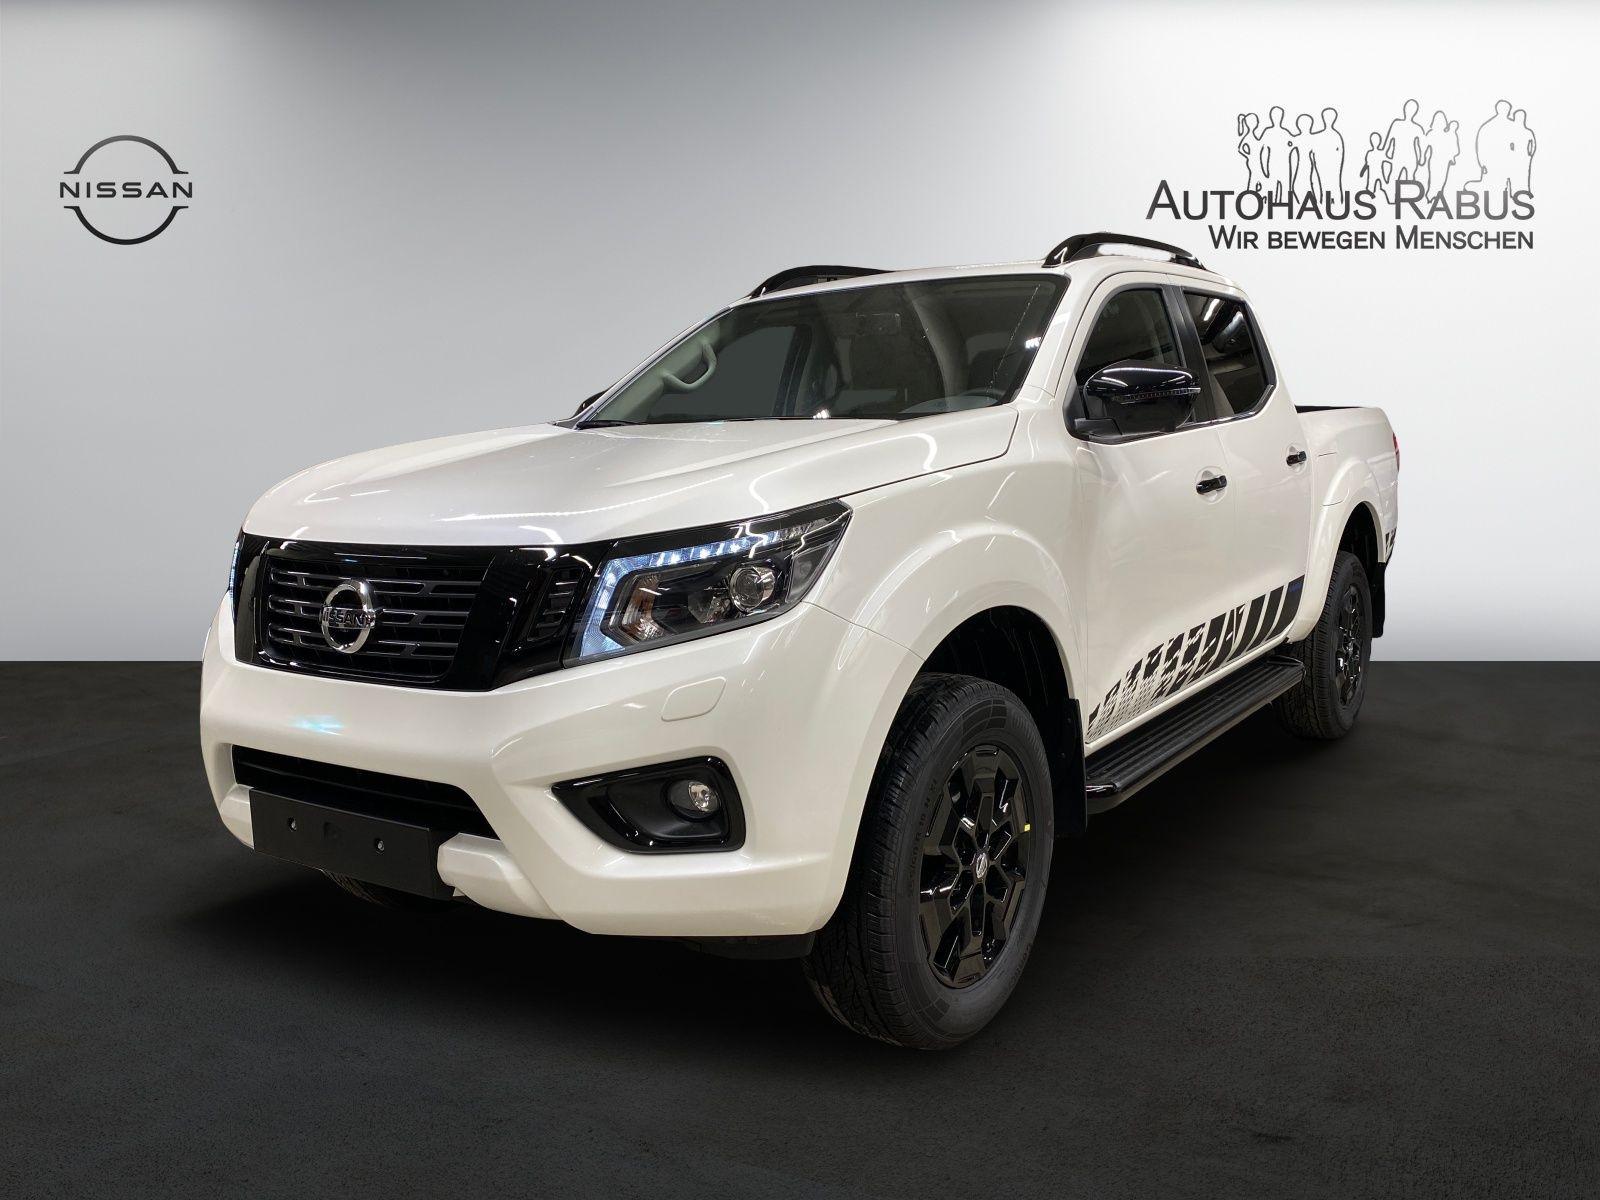 Nissan Navara finanzieren